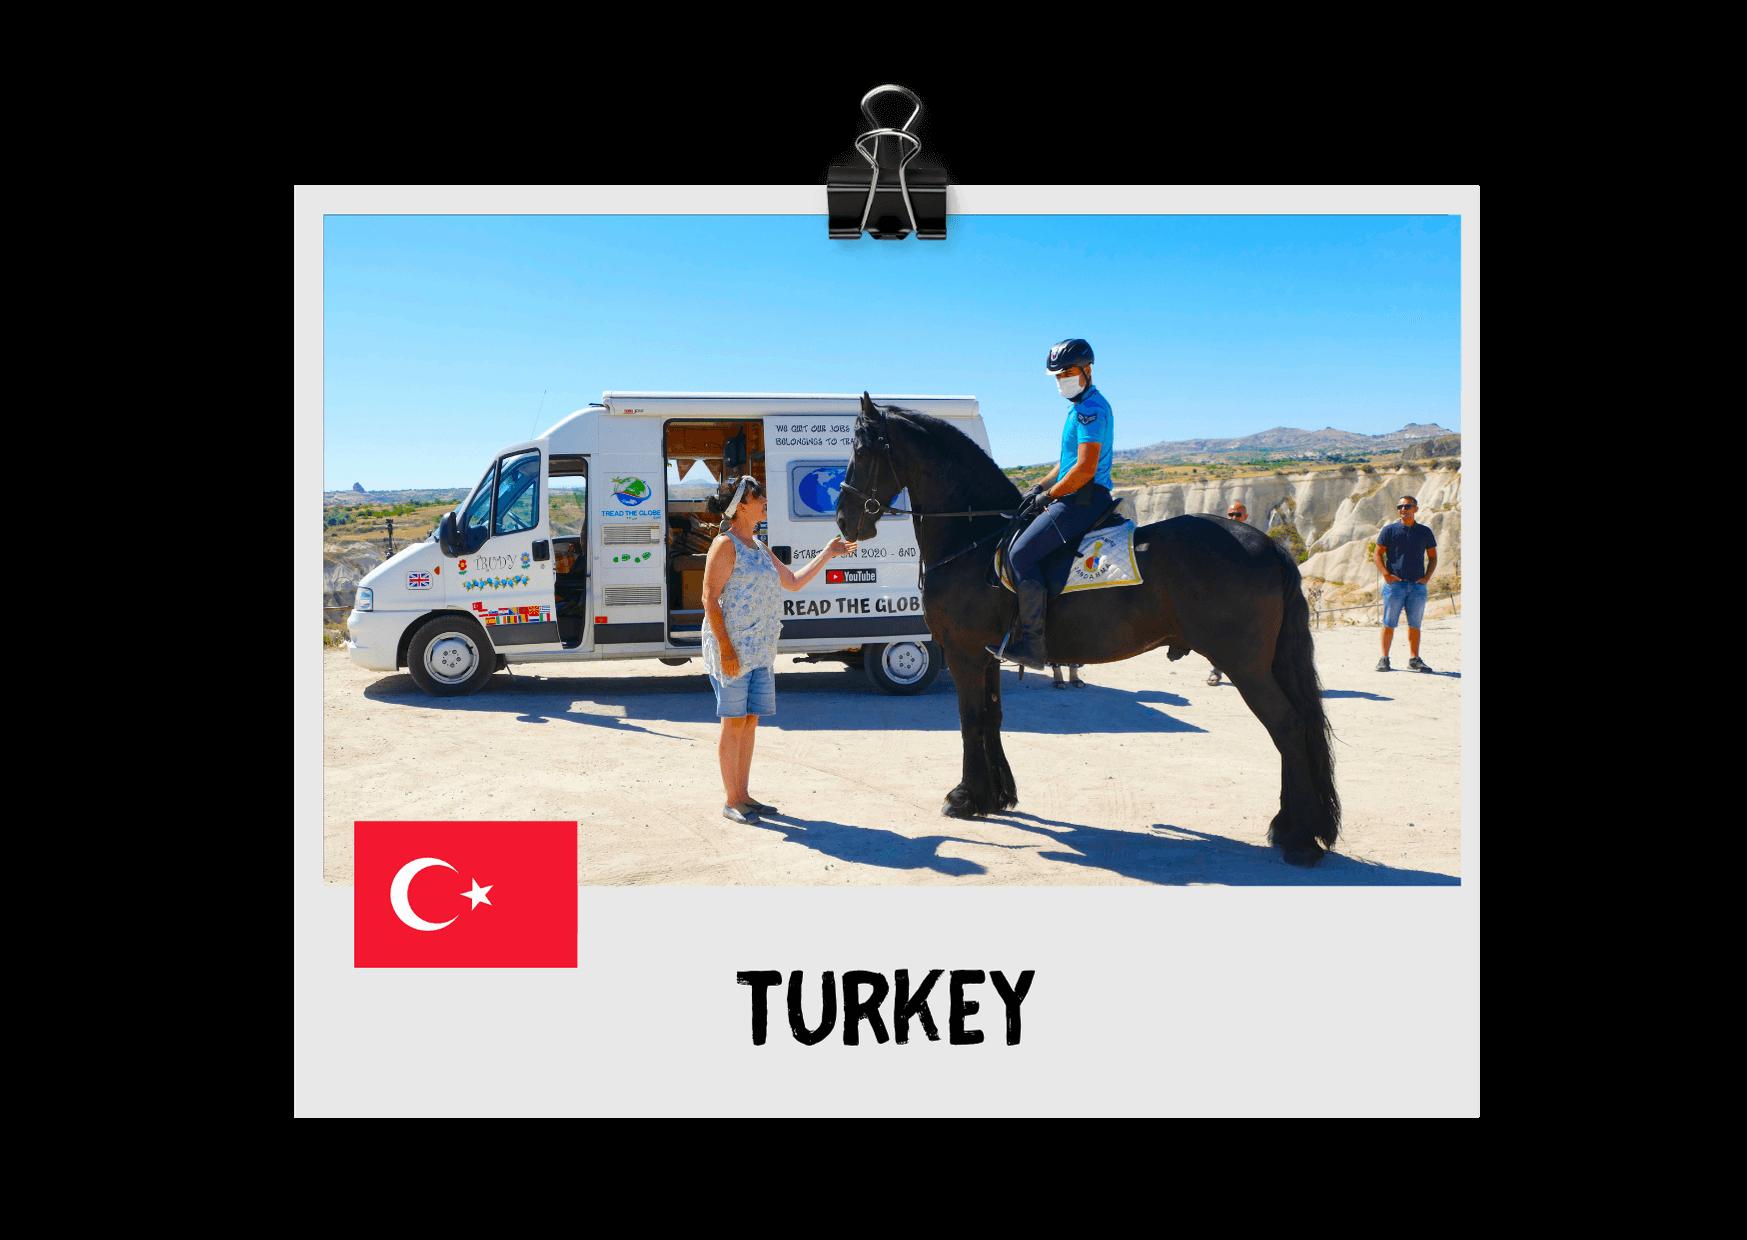 Van Life in Turkey